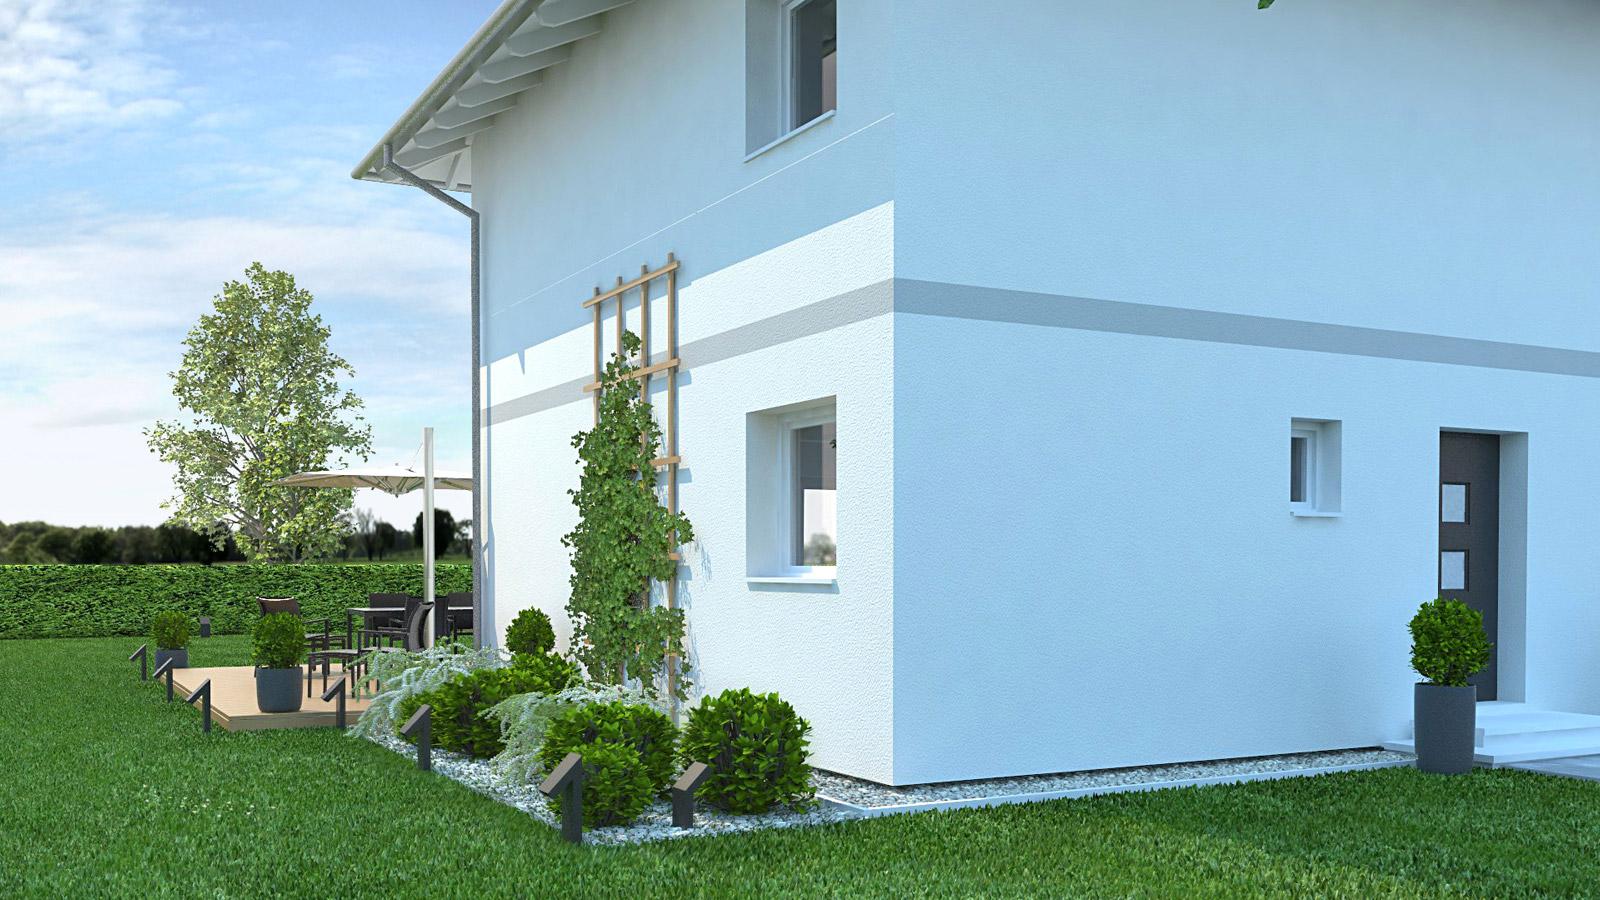 http://www.dasloewenhaus.at/wp-content/uploads/2017/02/Loewenhaus_Yellow_Detailansicht_Walmdach_Haus-weiss.jpg